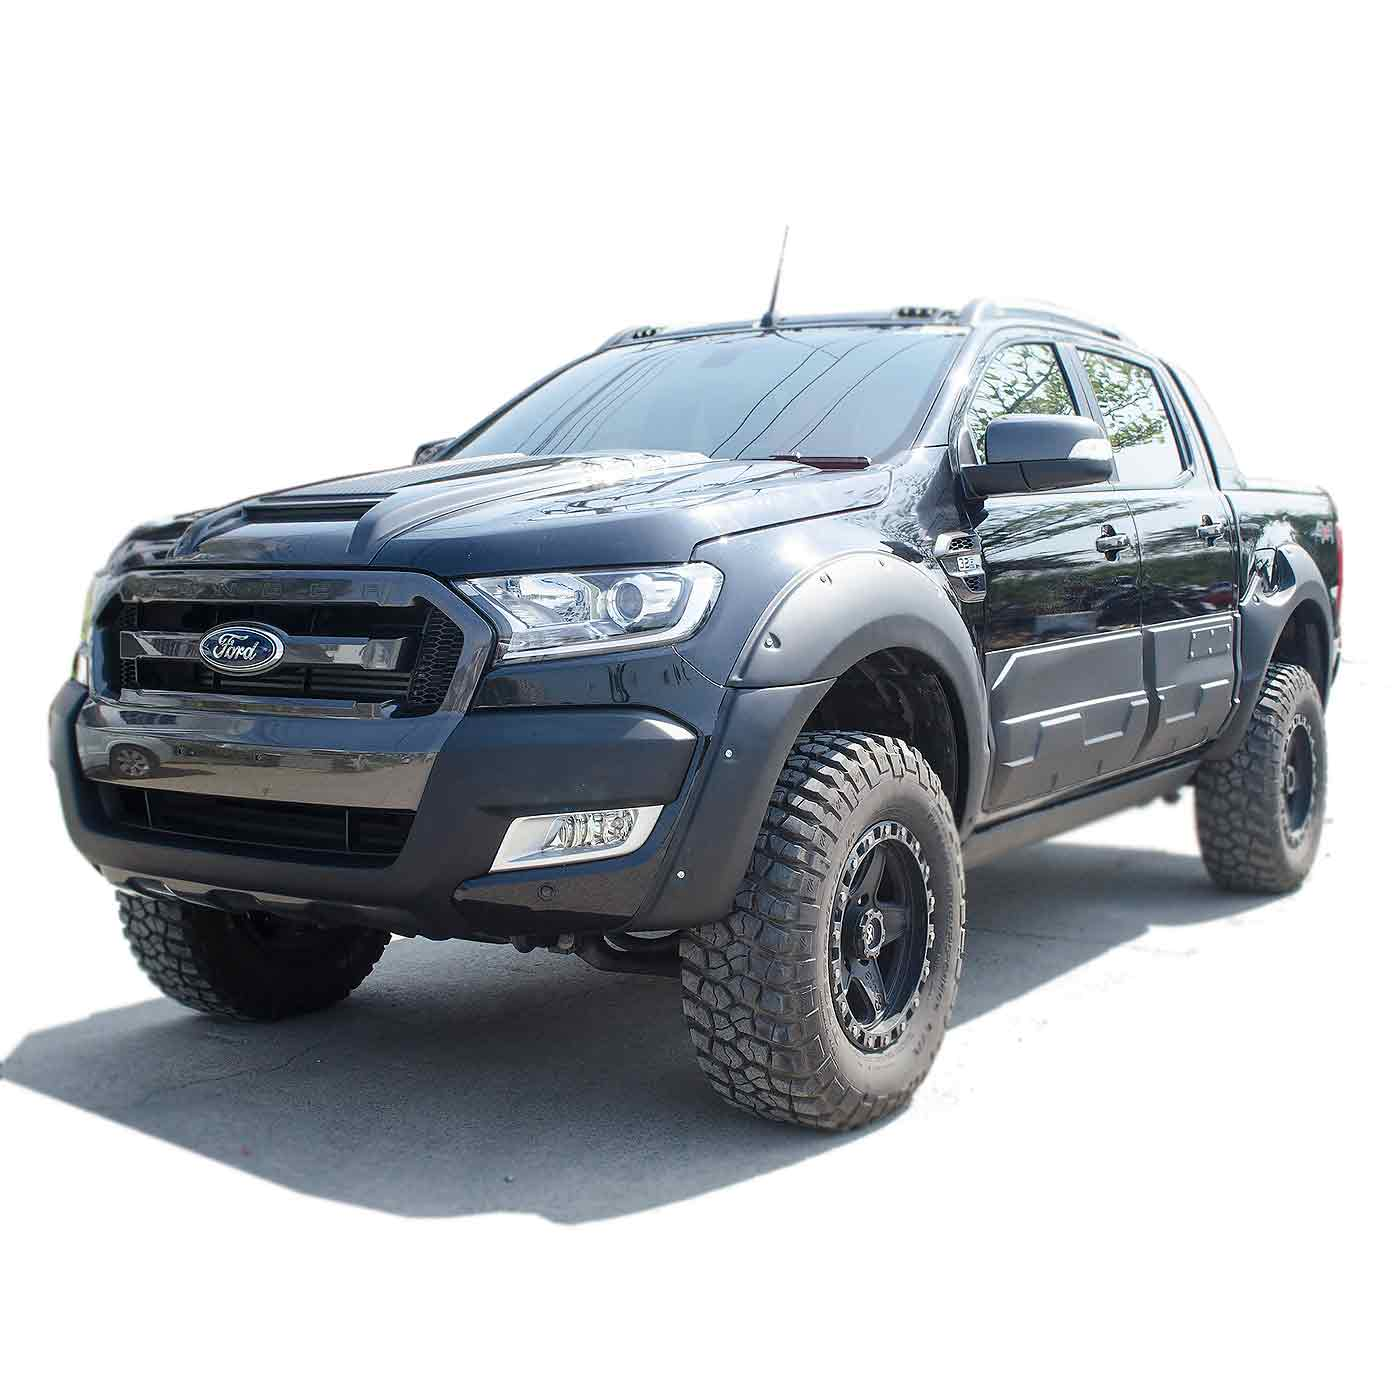 K9 Kotflügelverbreiterungen Ford Ranger ab 2015